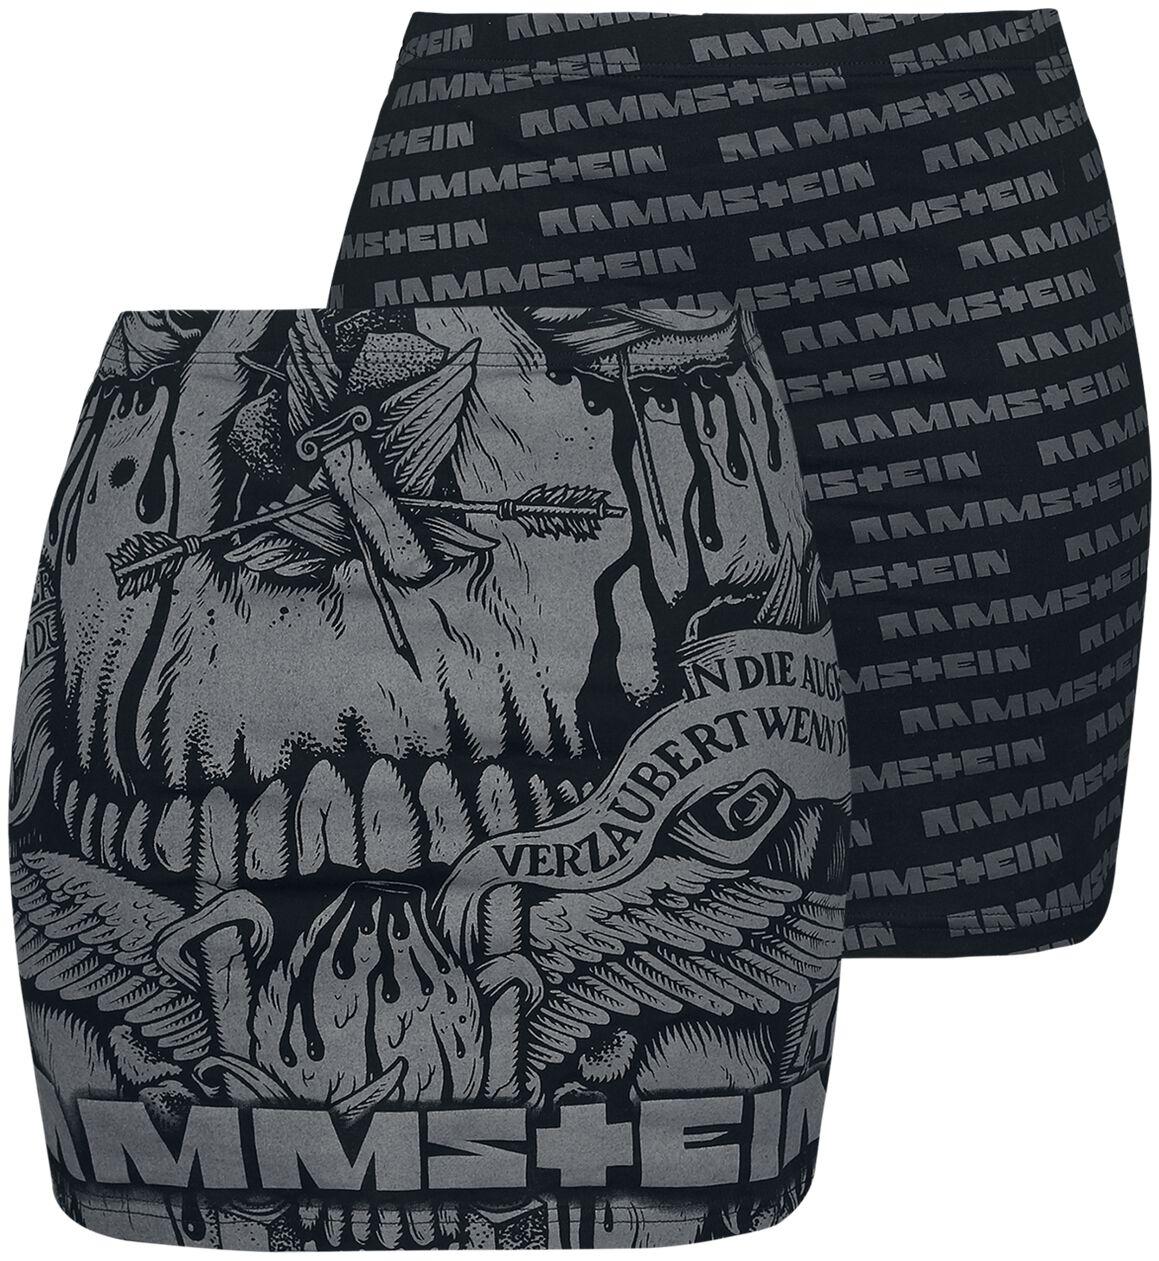 Rammstein - Logo - Kurzer Rock - schwarz grau